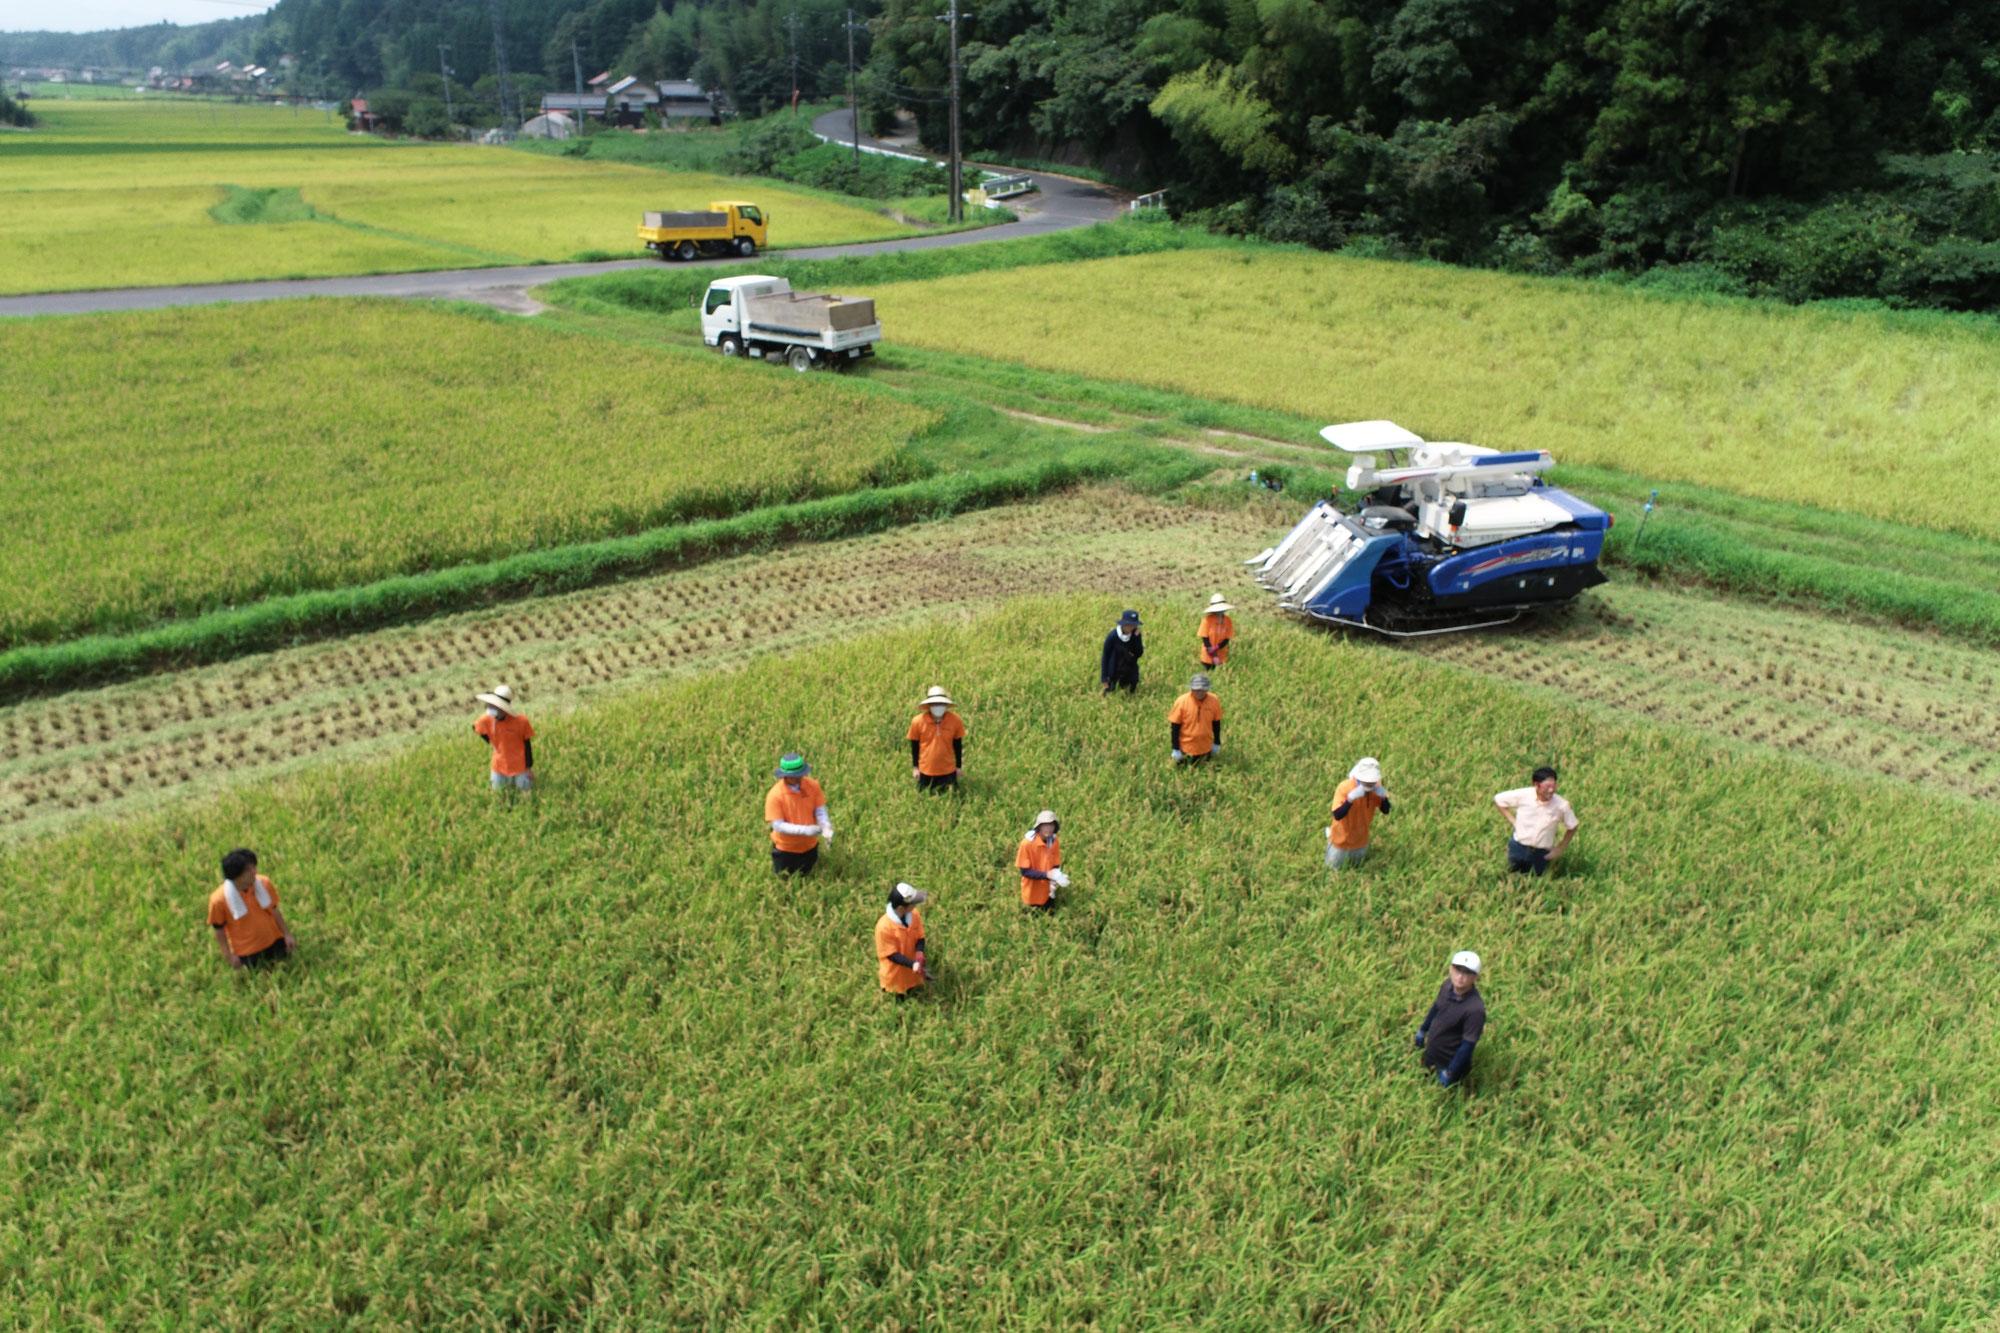 お米作りにチャレンジしています。